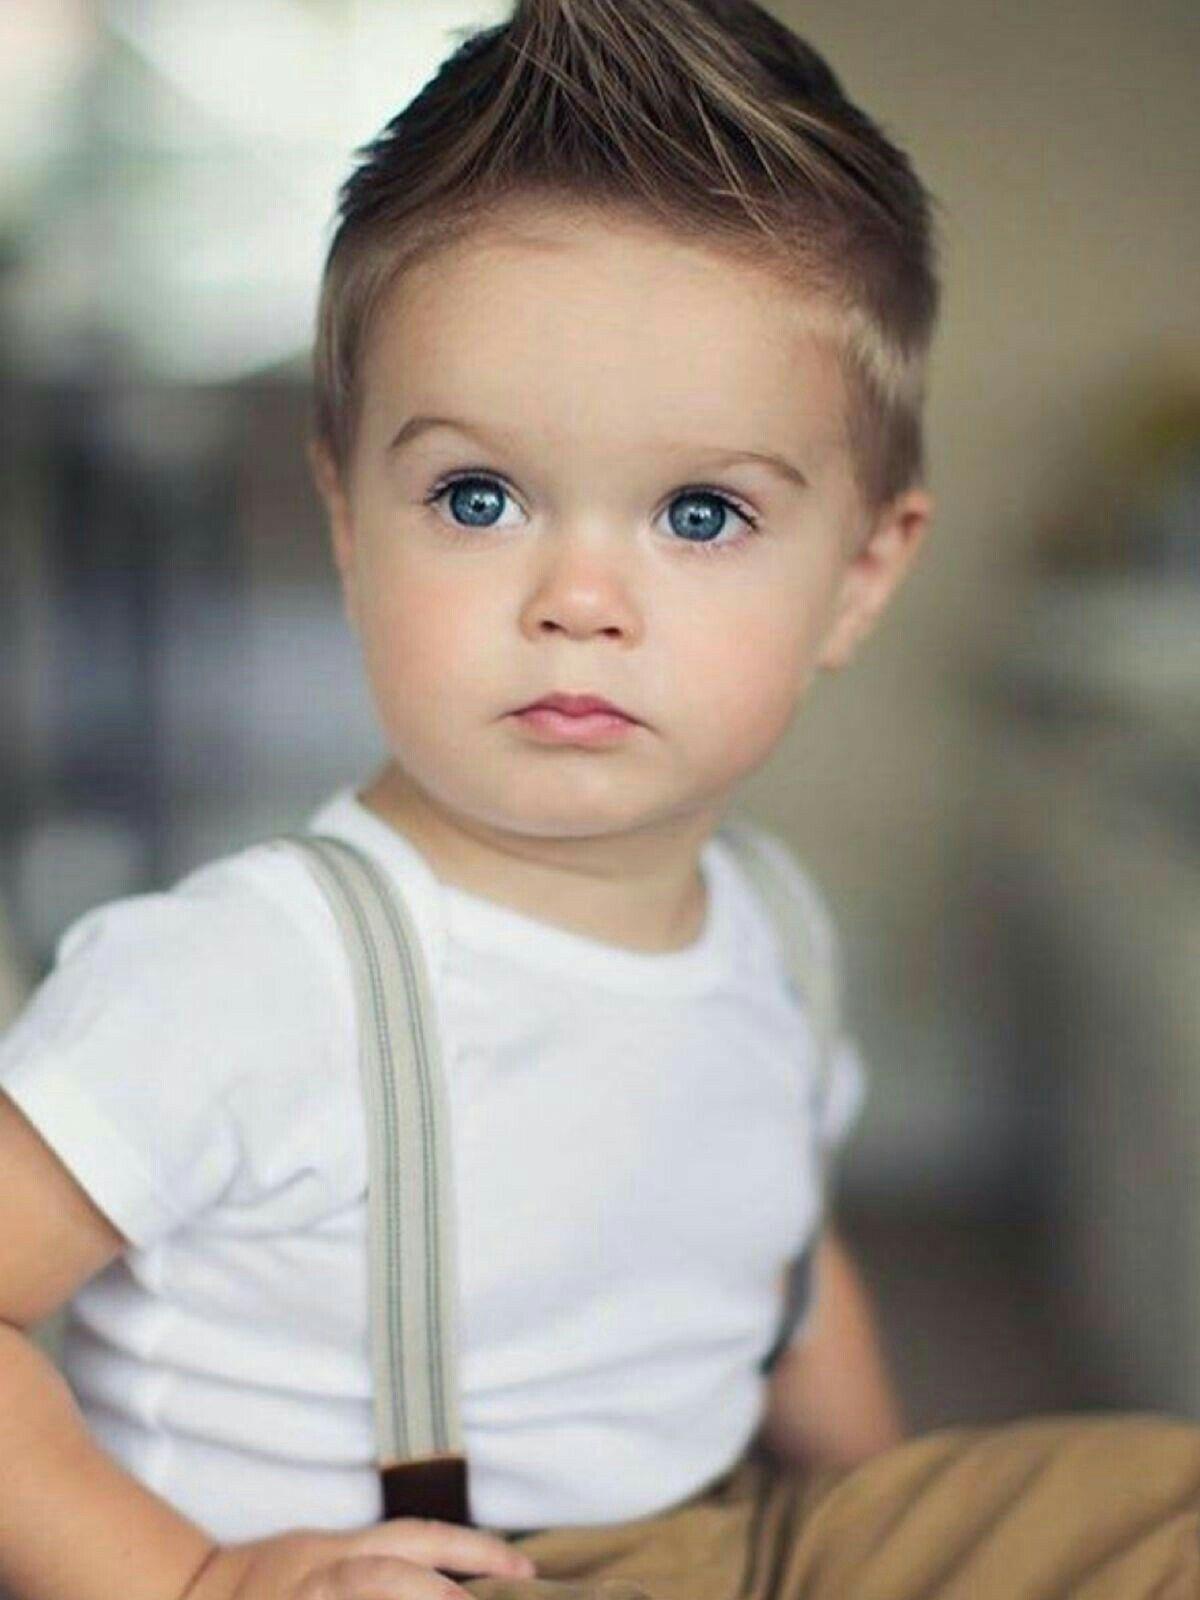 Claudia Adli Kullanicinin Guzel Bakmak Sanattir Panosundaki Pin Bebek Sac Kesimi Erkek Bebek Sac Kesimi Erkek Bebek Saci